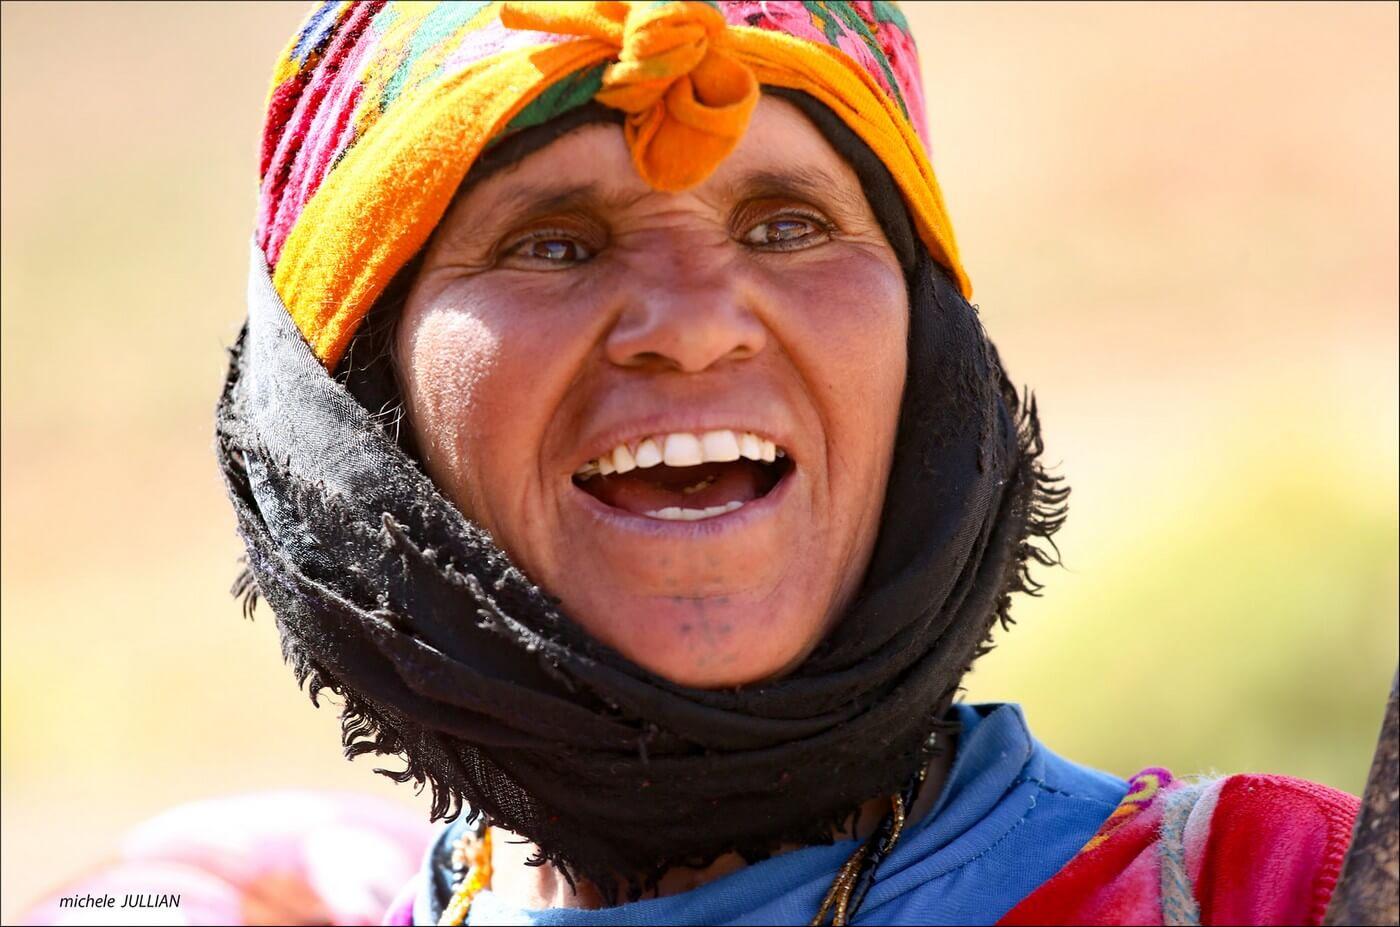 femme nomade rencontrée entre Saghro et le Haut Atlas